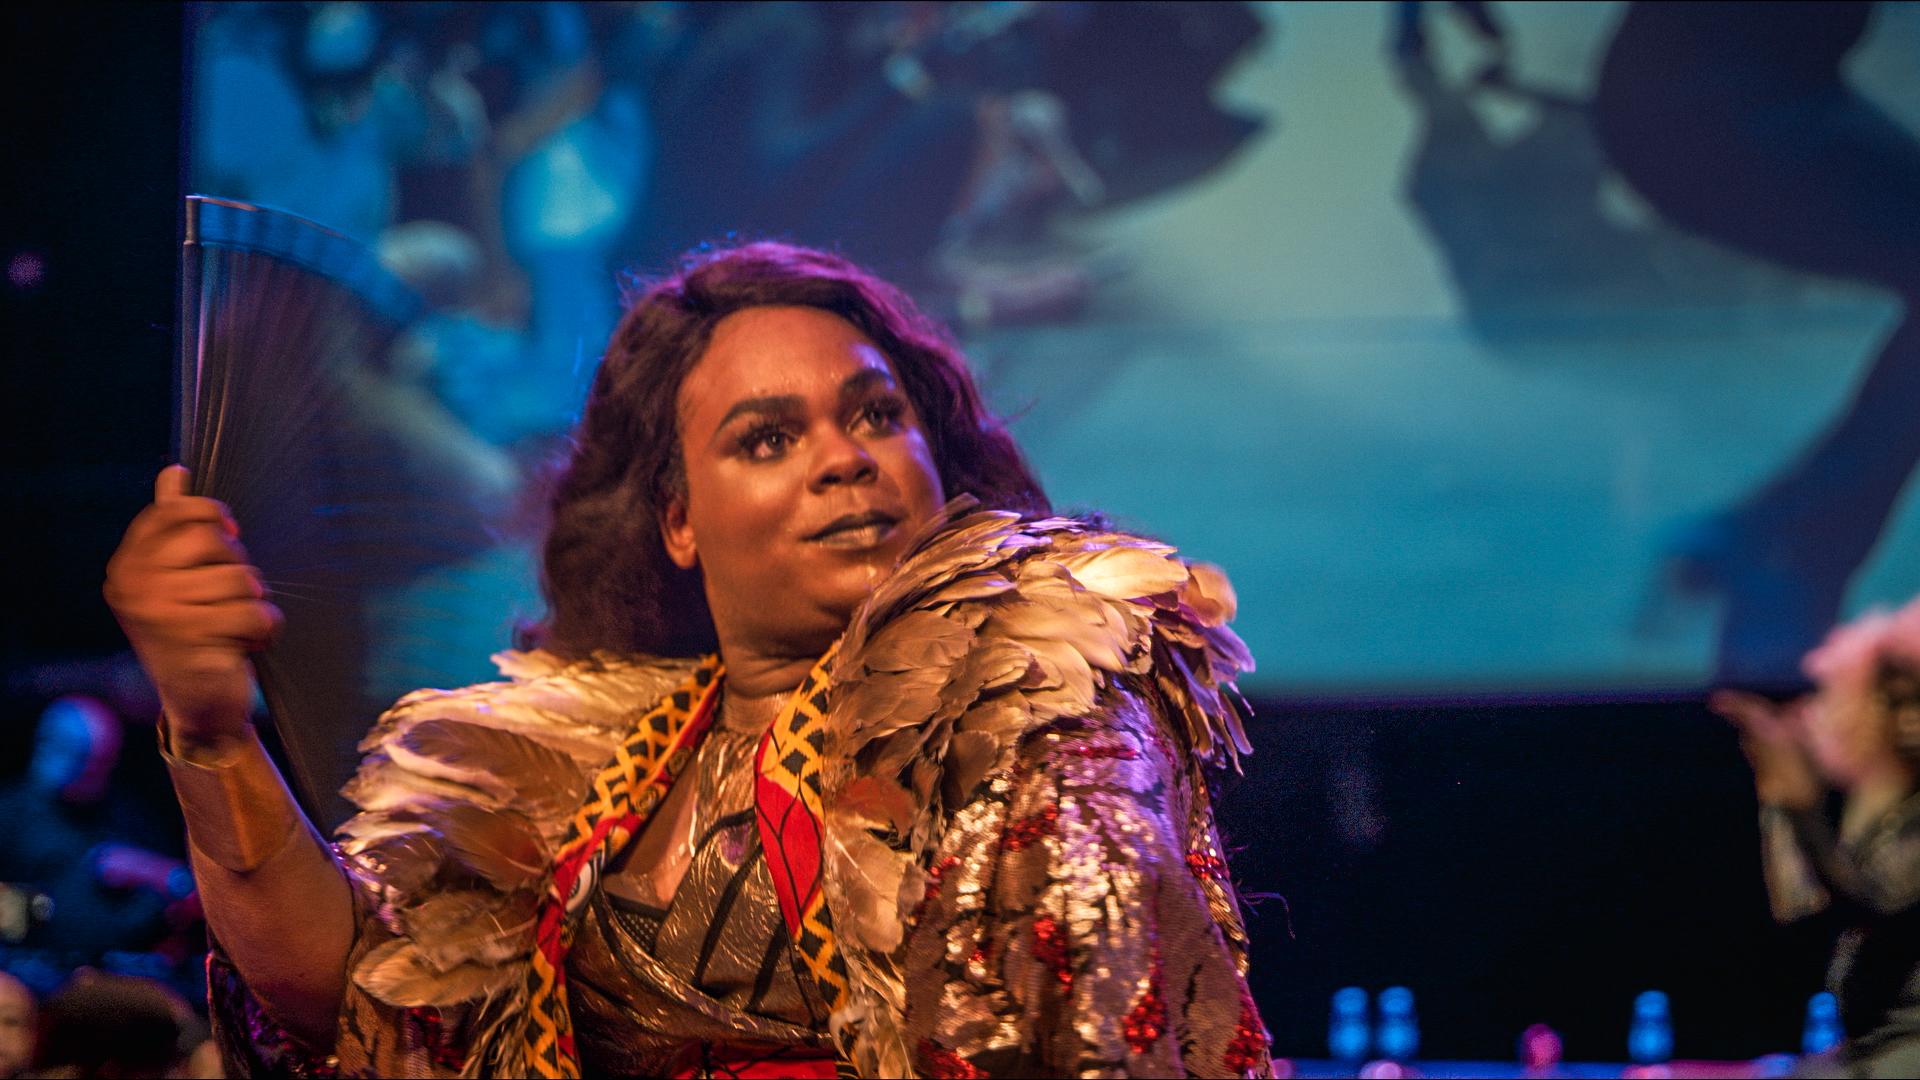 Fabulous de Audrey Jean Baptiste, cuenta la historia de la reconocida artista LGBT de Voguing, Lasseindra Ninja quien busca llevar este estilo a Guinea Francesa, un país donde la homosexualidad es penada por la ley.